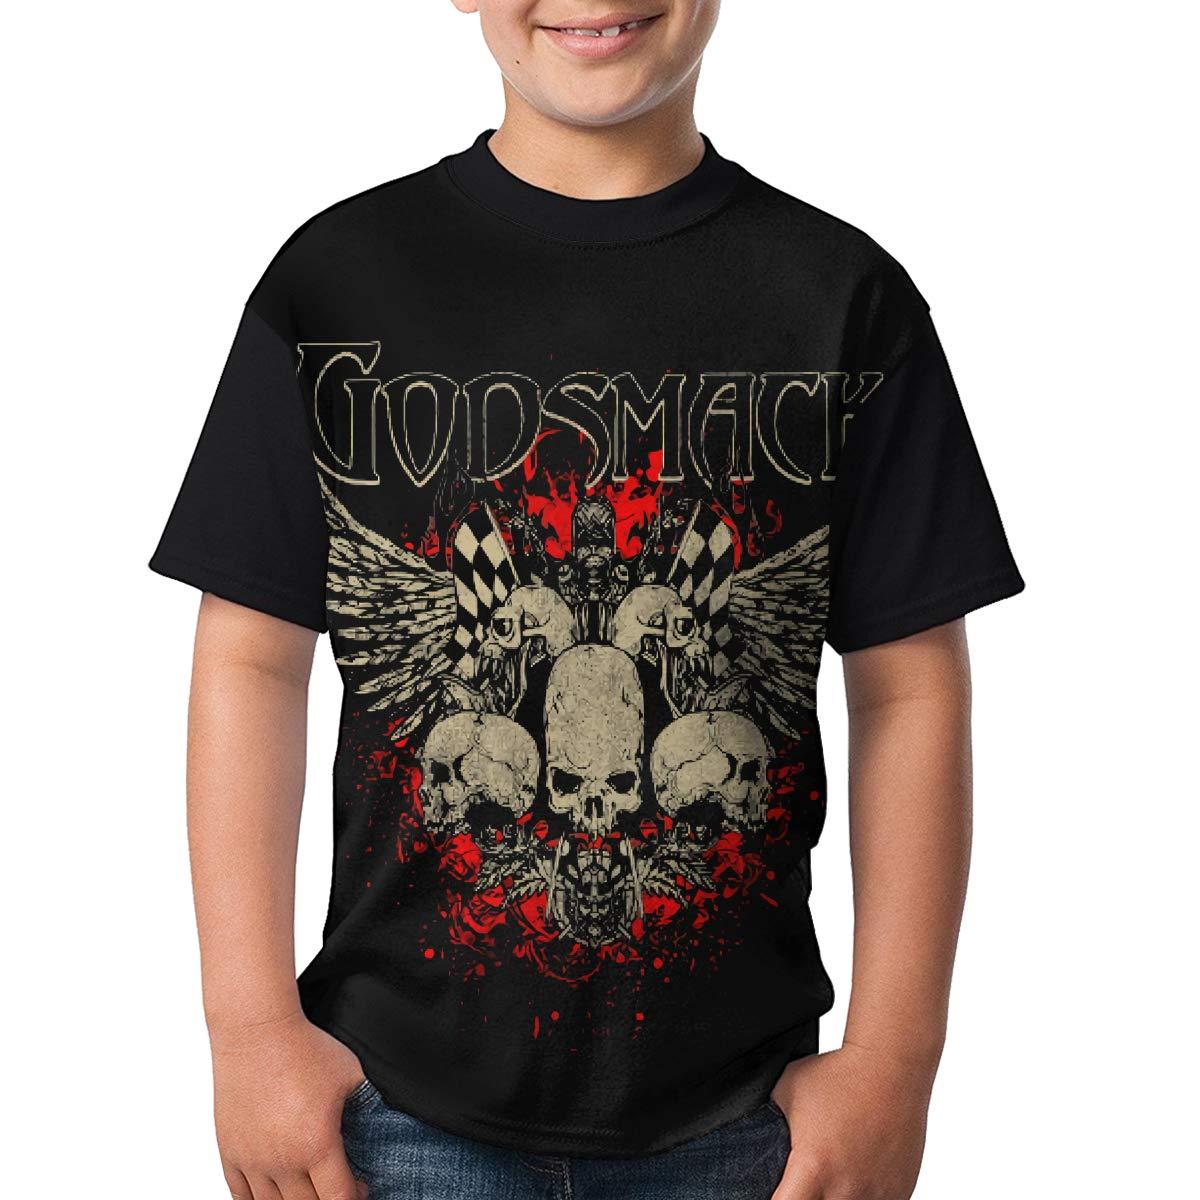 Denise K Steinbach Godsmack T Shirt Youth Boys/&Girls Youth Round NeckShort Sleeve Tees